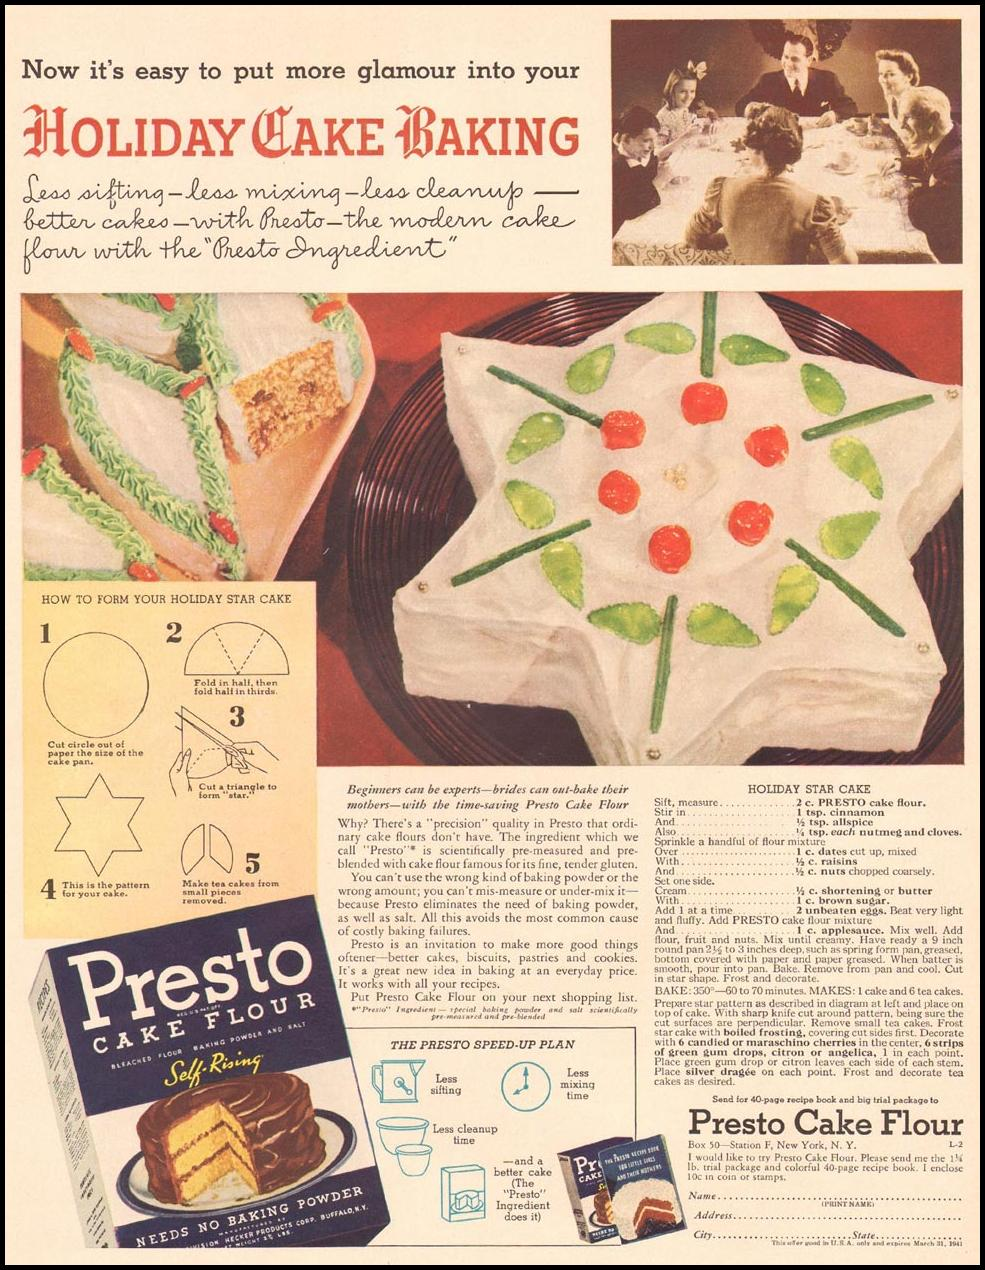 PRESTO CAKE FLOUR LIFE 12/16/1940 p. 49